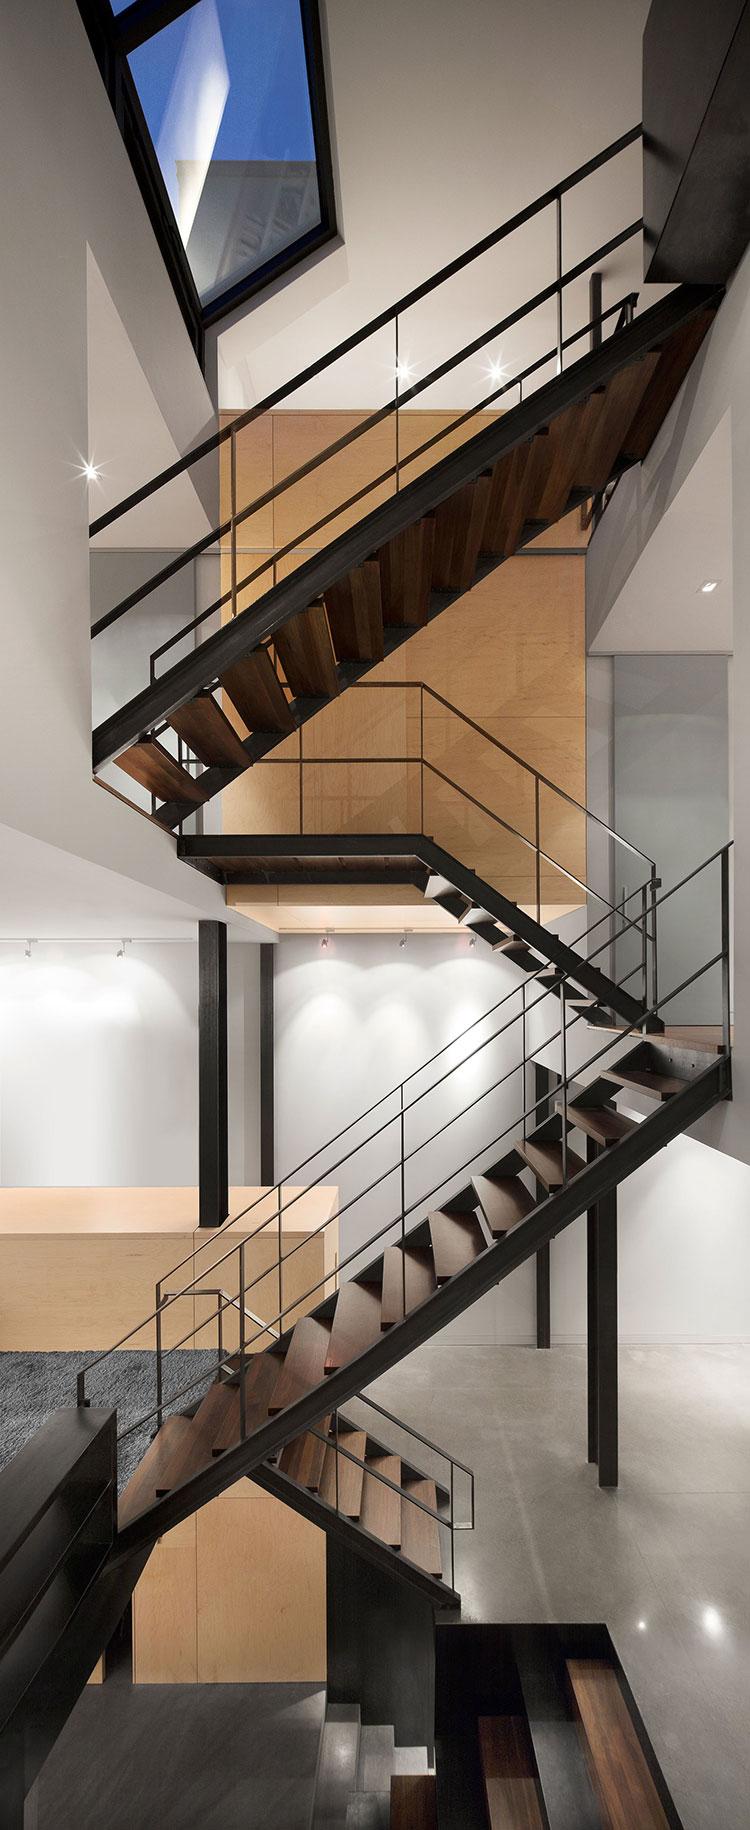 la maison e3 situ e pr s du march jean talon montr al est superbe avec son escalier central. Black Bedroom Furniture Sets. Home Design Ideas